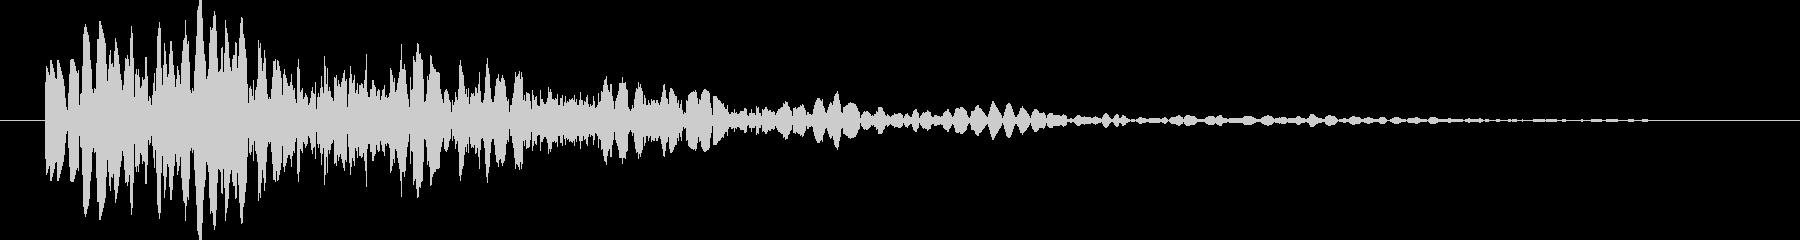 ゲーム ブロック・ロゴ落下 ドコーンの未再生の波形